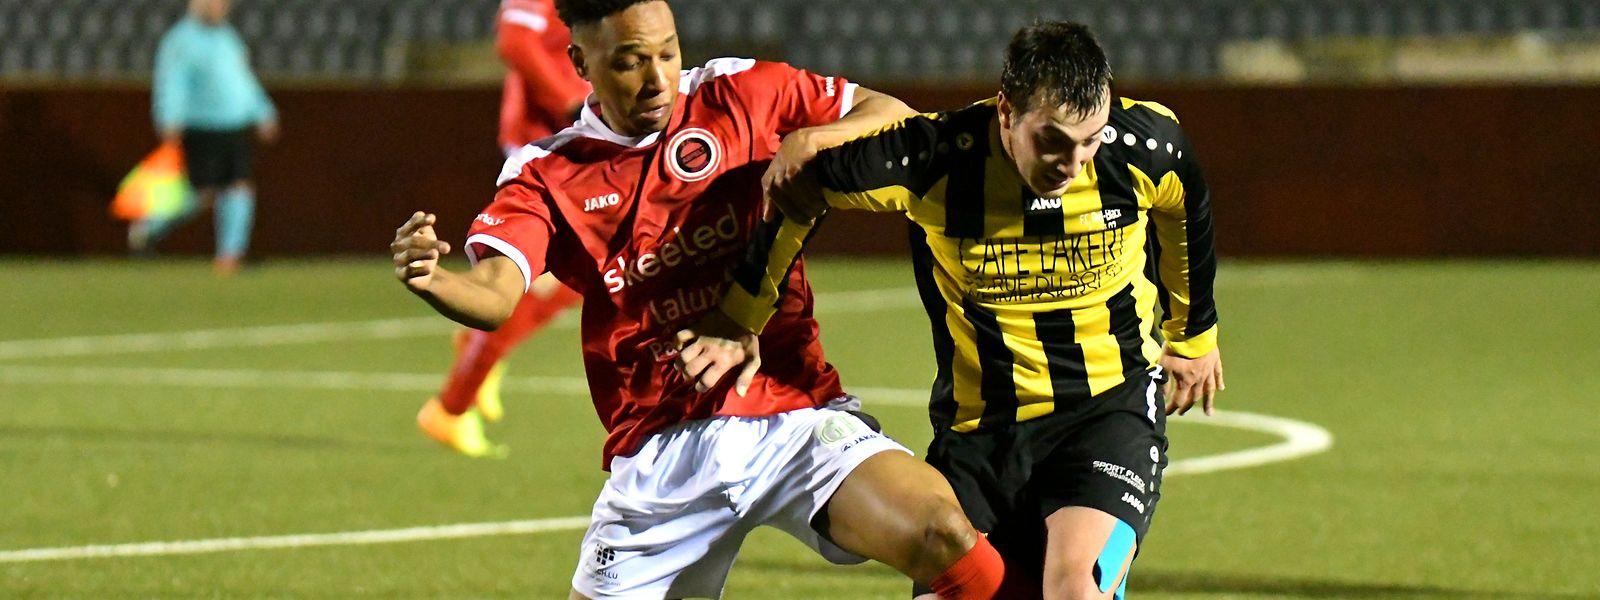 Steve Guedes (Red-Black Egalité, en jaune et noir) s'est imposé (1-0) face à Albertino Tavares et les Red Boys Aspelt, en D1, Série 2